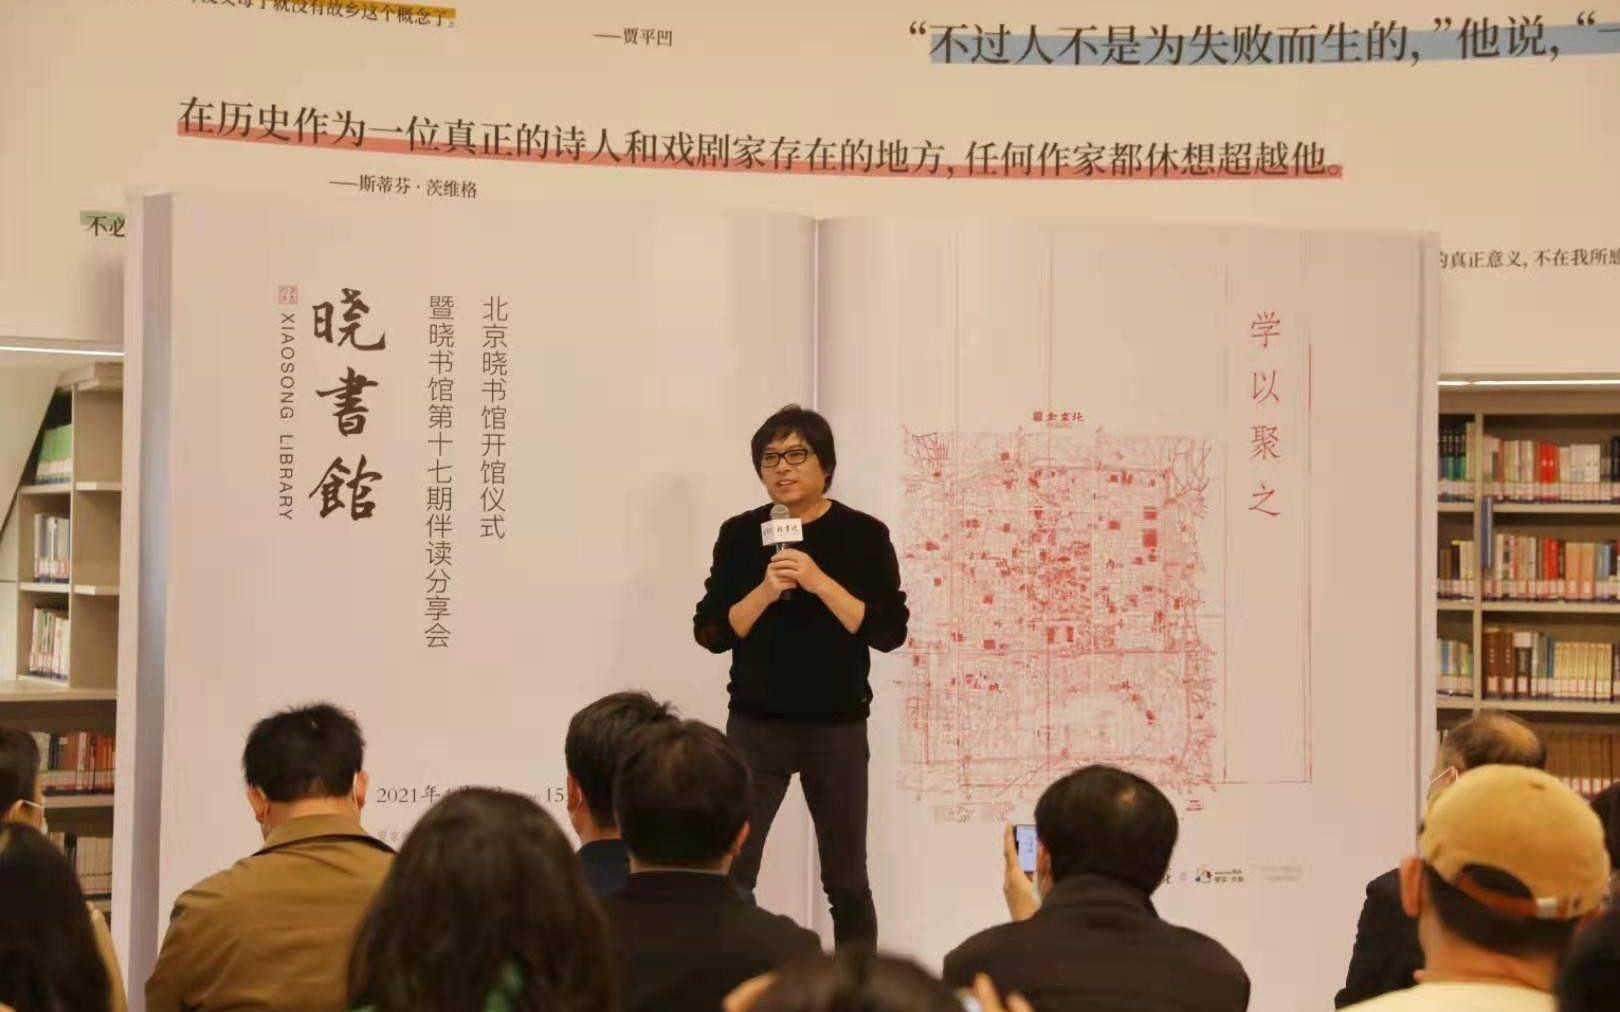 北京首家晓书馆在望京小街开馆3万册图书免费现场阅读插图2